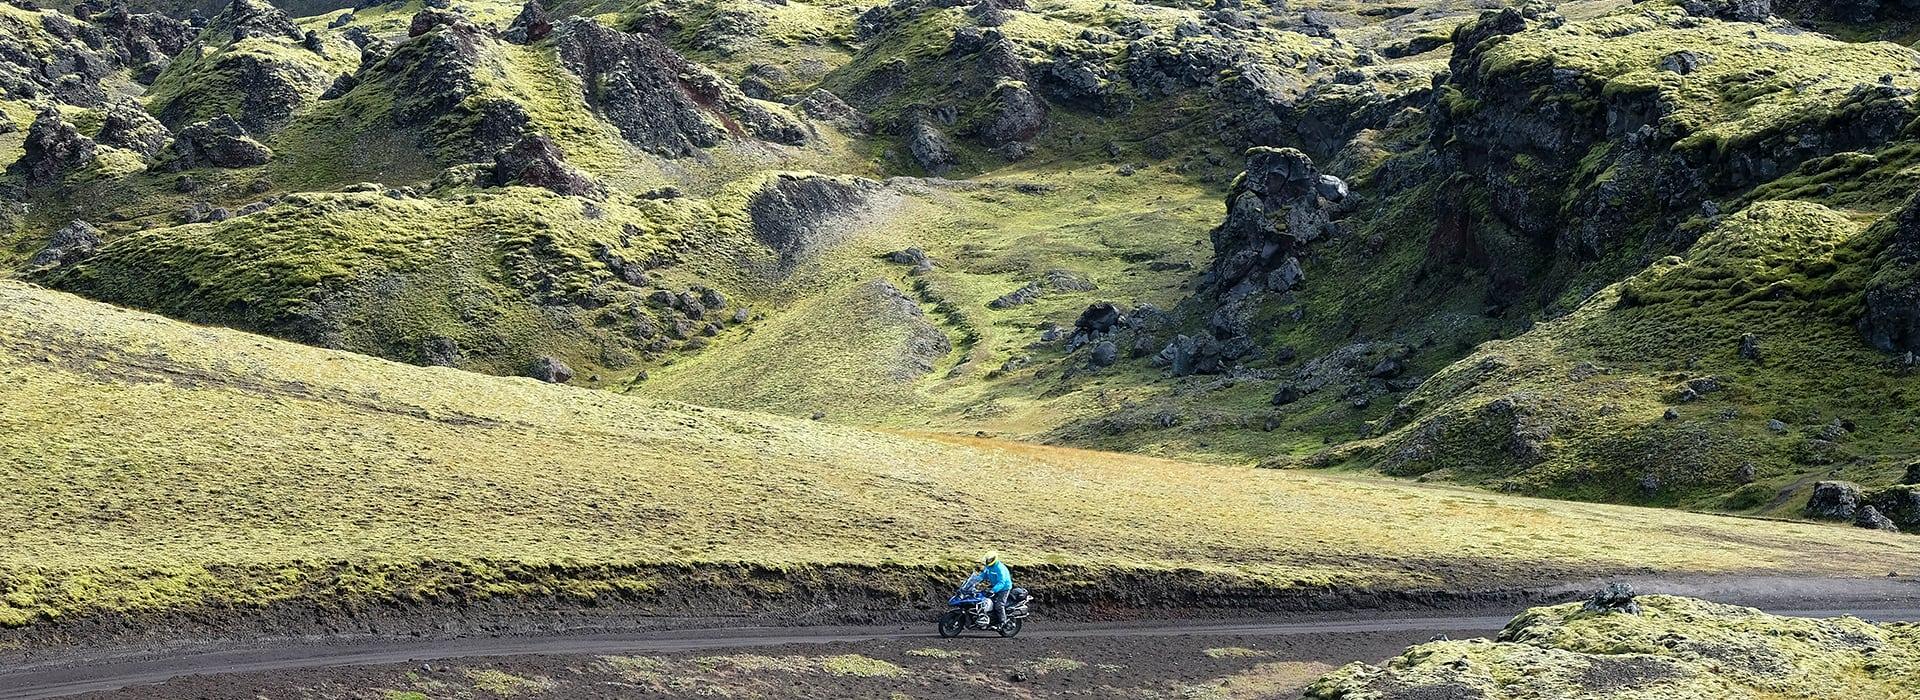 Ook in 2019 zal de motorreis IJsland uitgevoerd worden door Travel 2 Explore motorreizen